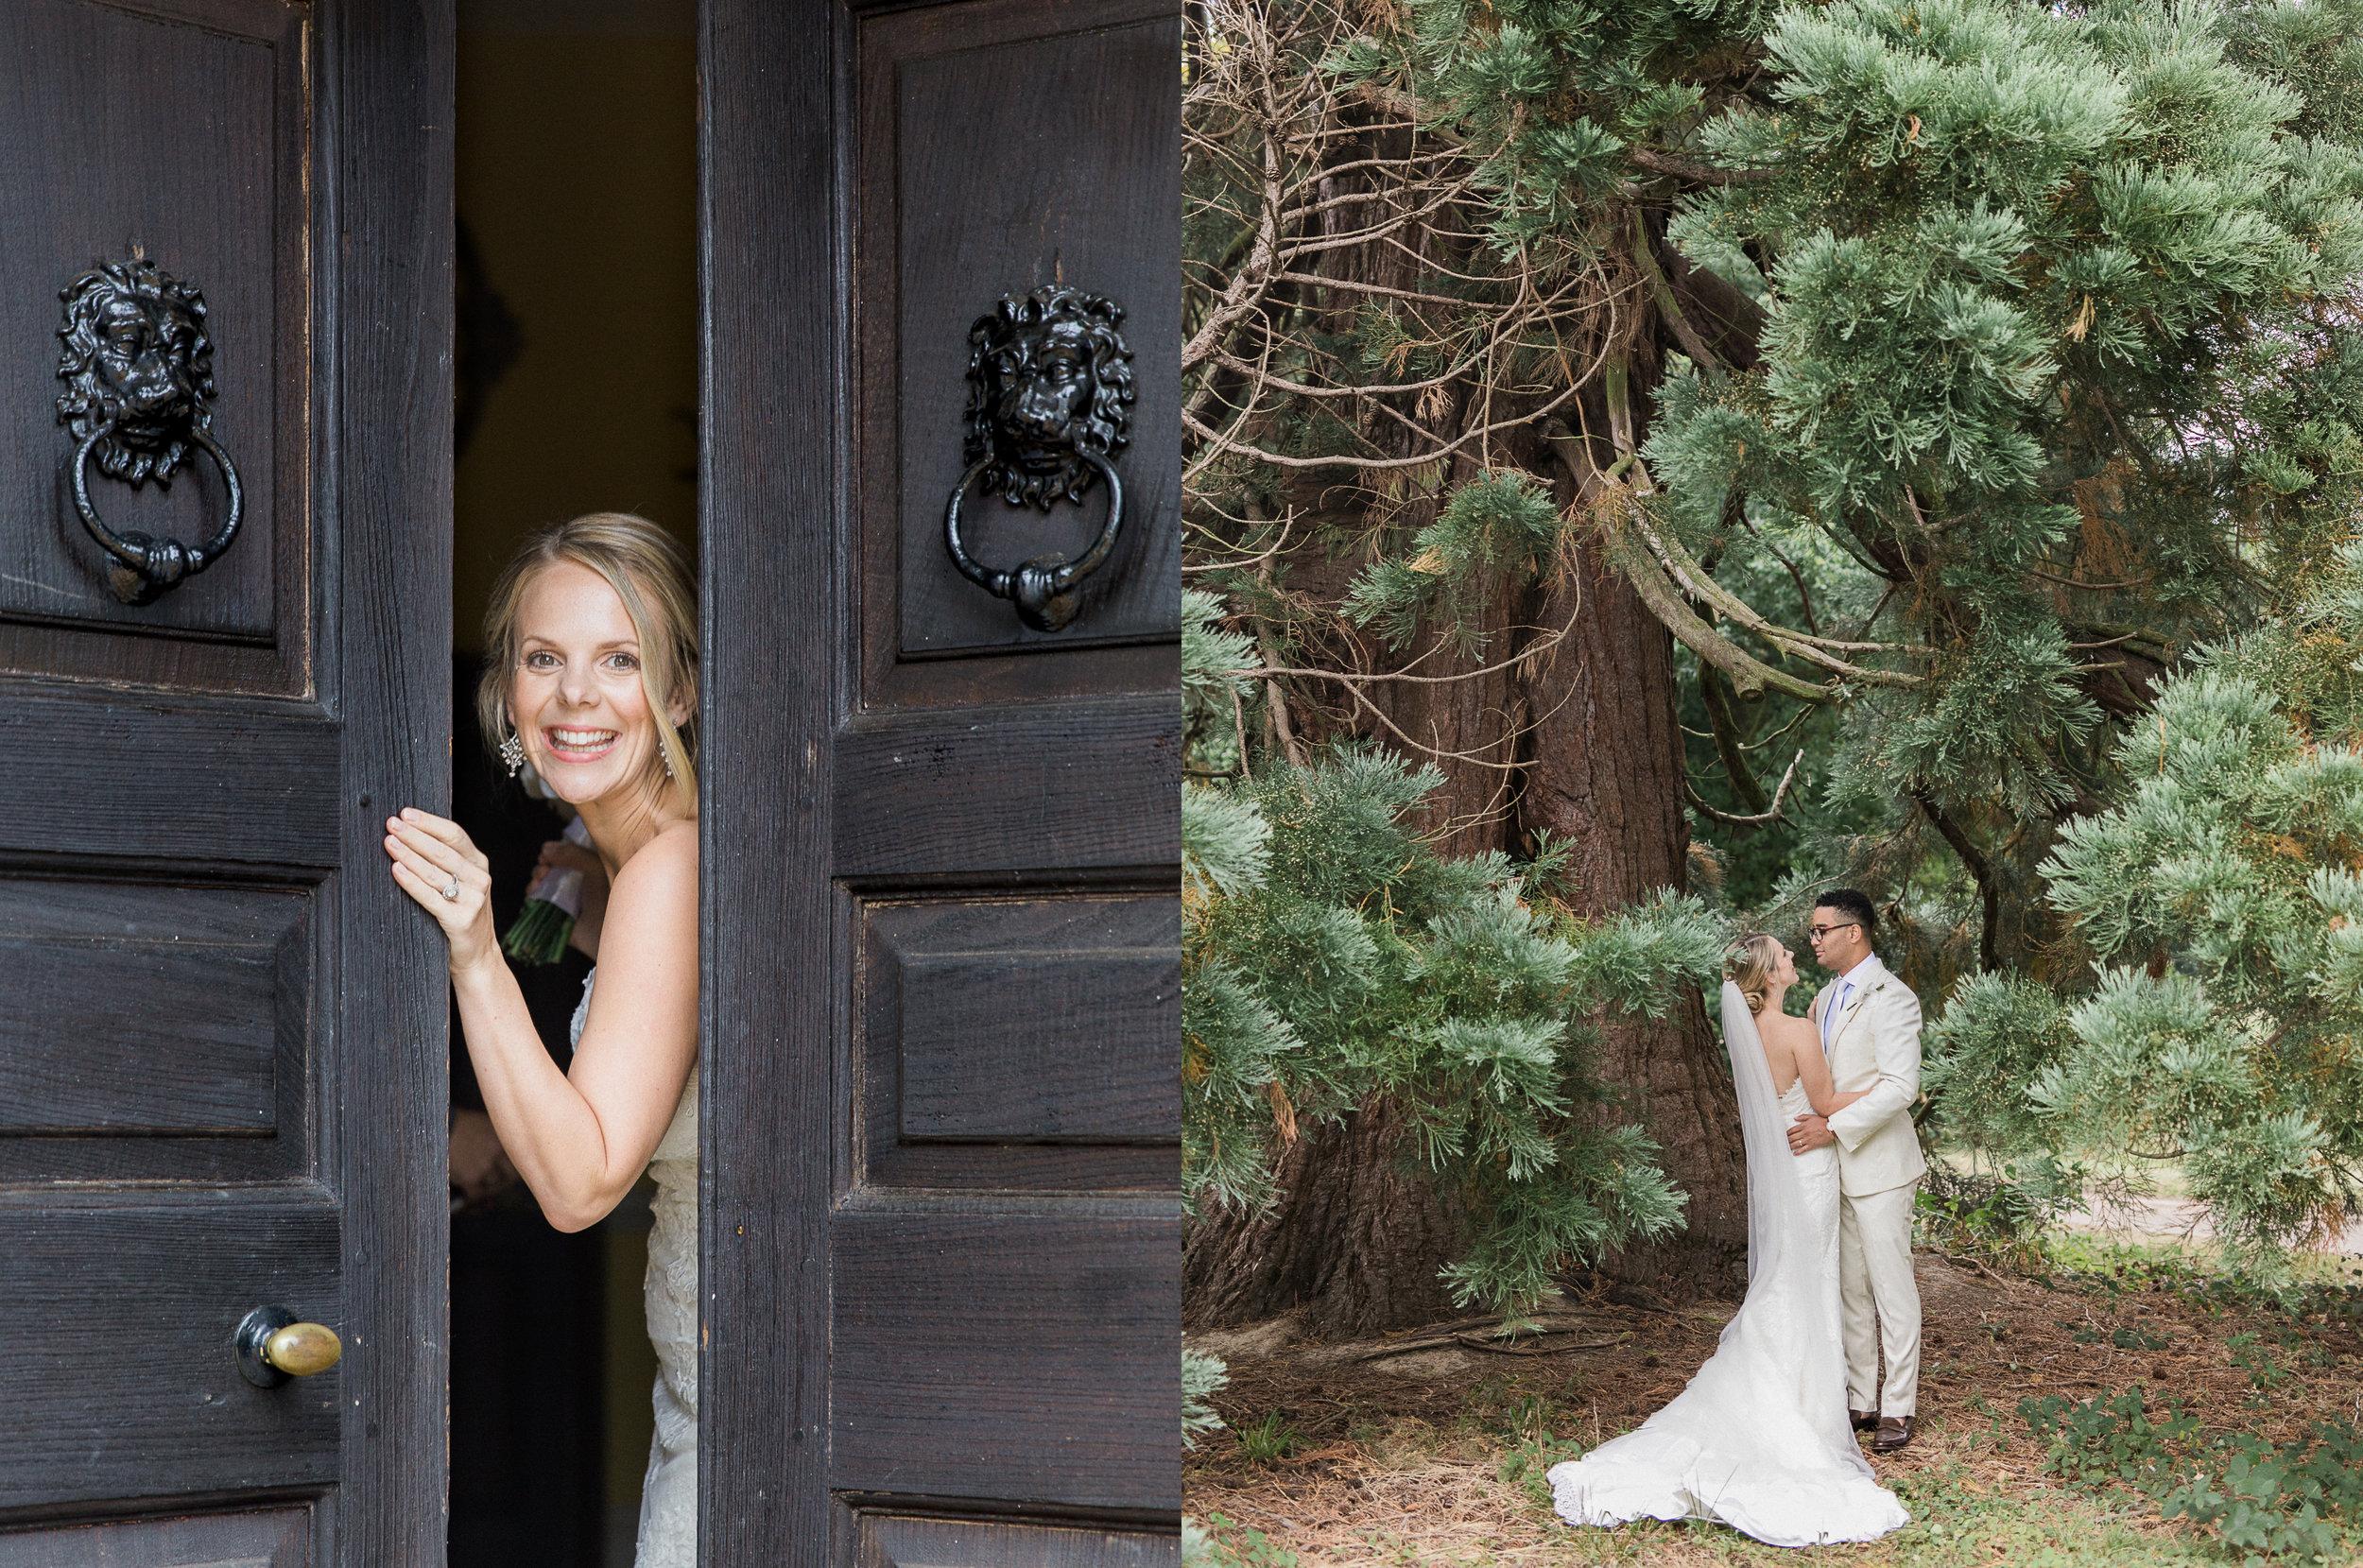 Chen Sands Photo Kent Wedding Photographer Sprivers Mansion 6.jpg